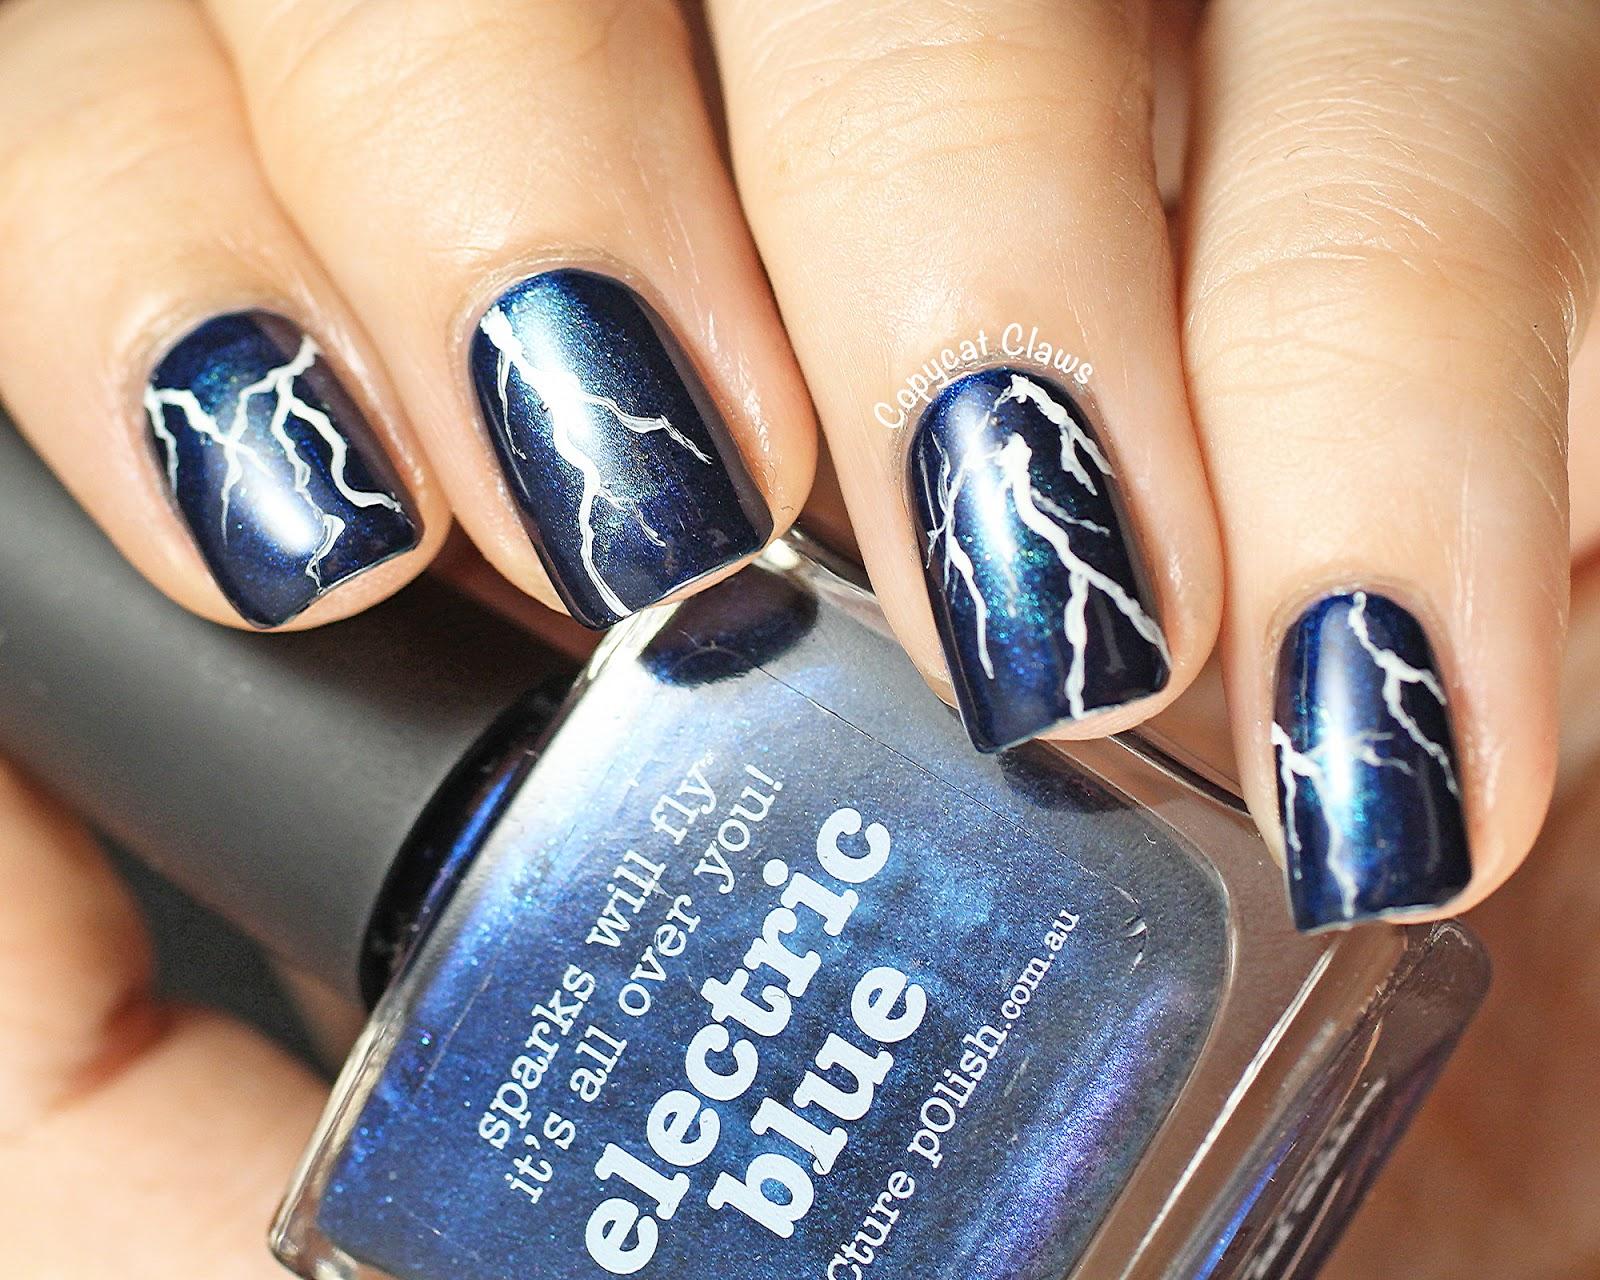 Nail Art On Dark Blue Nail Polish: Born pretty store navy blue shiny ...